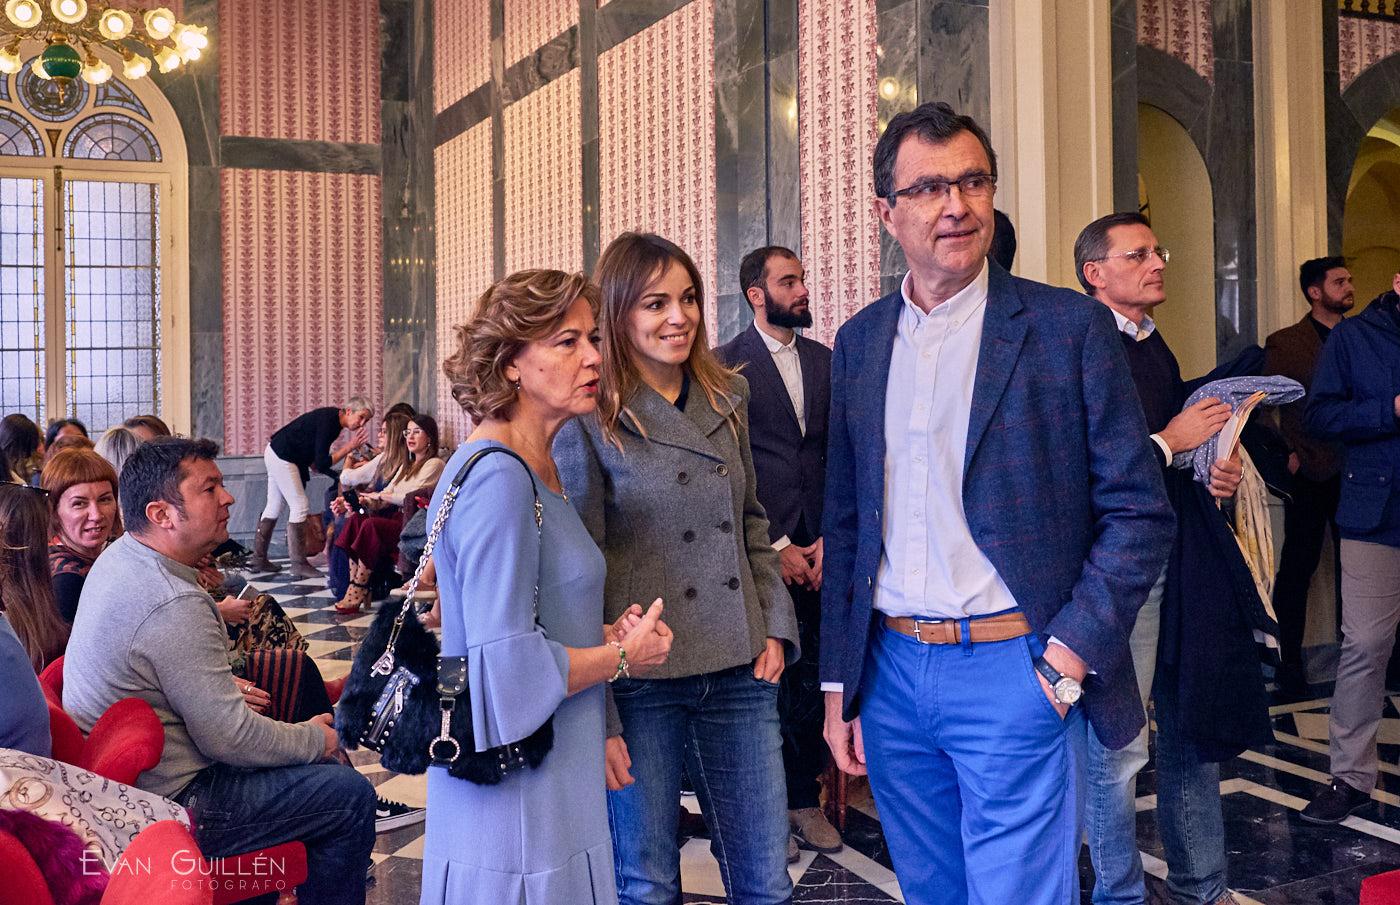 El alcalde de Murcia D. José Ballesta y la concejal de Juventud Rebeca Pérez en el desfile de Cayetana Ferrer.